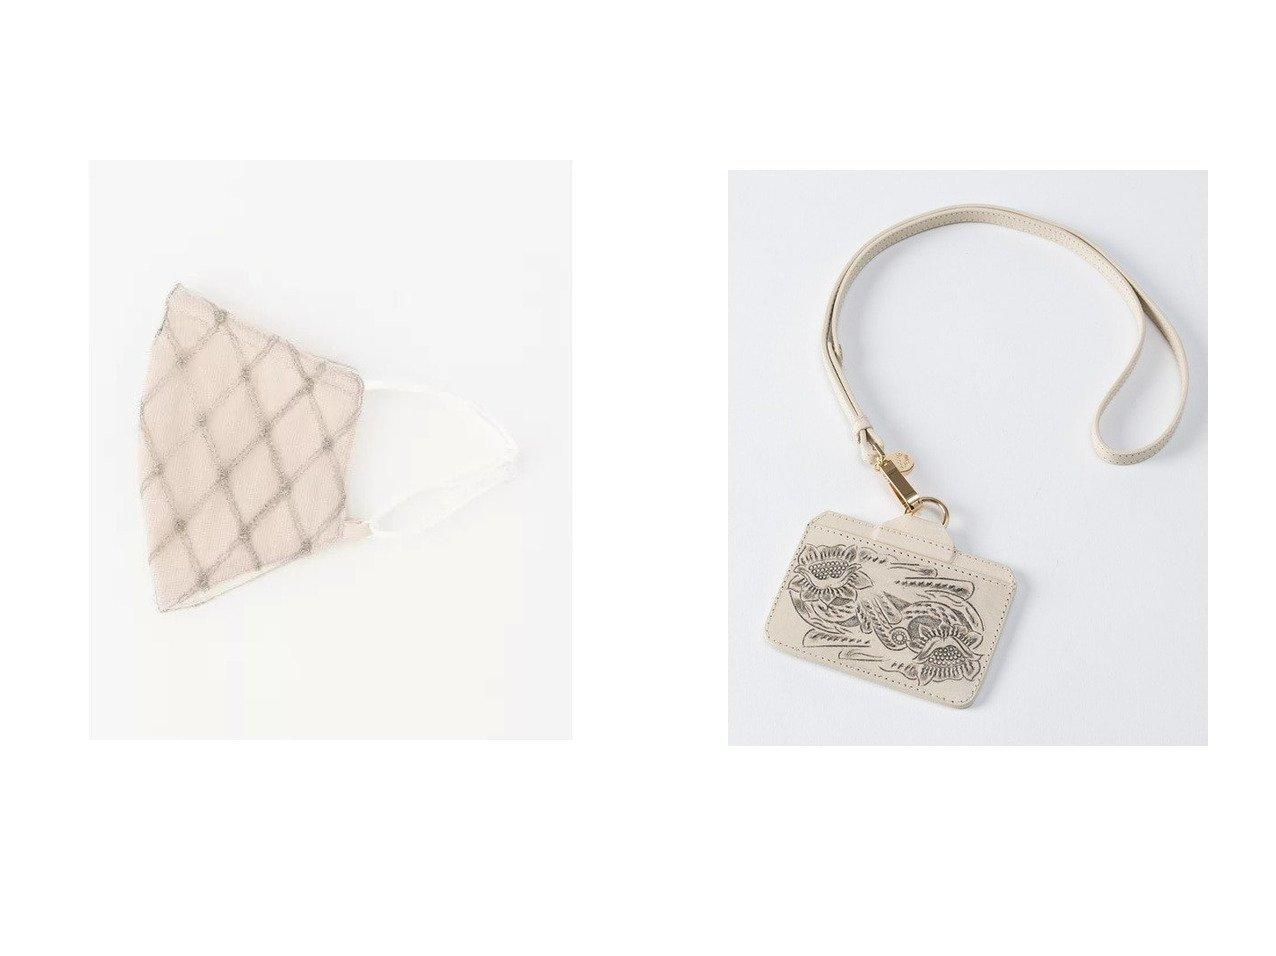 【GRACE CONTINENTAL/グレース コンチネンタル】のID Card holder&チュール刺繍マスク GRACE CONTINENTALのおすすめ!人気、トレンド・レディースファッションの通販  おすすめで人気の流行・トレンド、ファッションの通販商品 メンズファッション・キッズファッション・インテリア・家具・レディースファッション・服の通販 founy(ファニー) https://founy.com/ ファッション Fashion レディースファッション WOMEN 財布 Wallets チュール ハンド ベーシック ヴィンテージ 再入荷 Restock/Back in Stock/Re Arrival 定番 Standard 財布 |ID:crp329100000019416